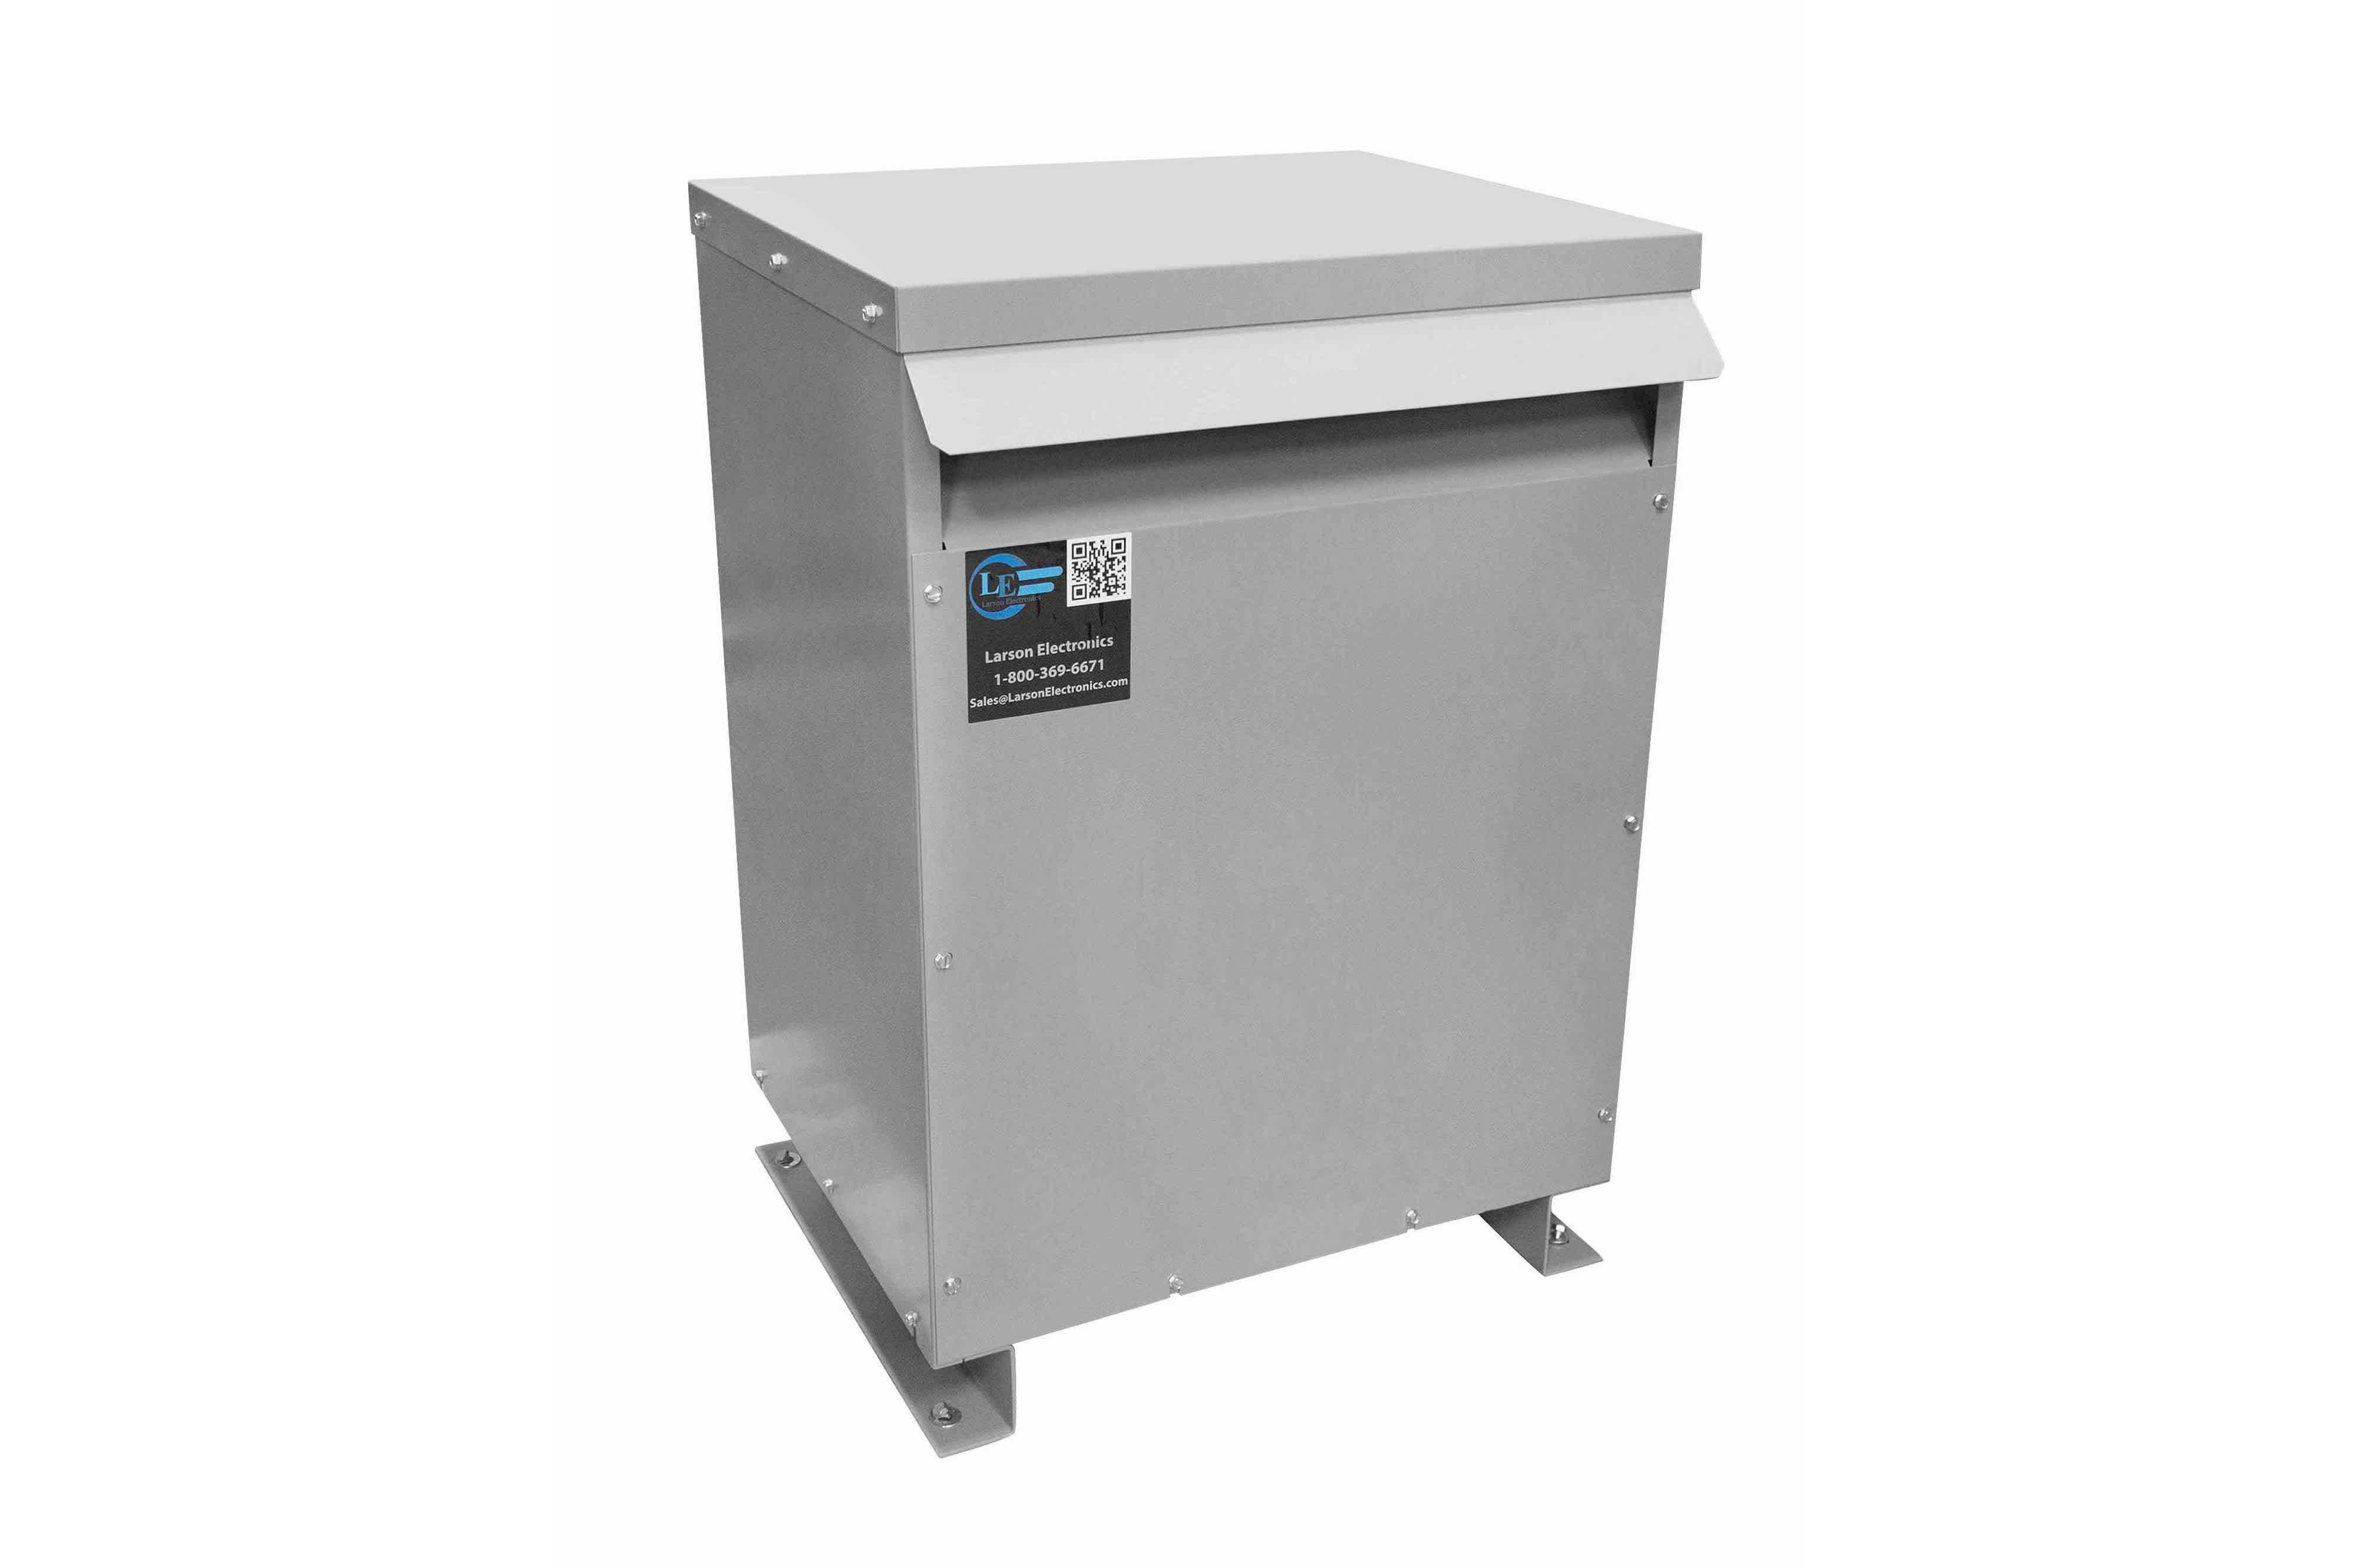 225 kVA 3PH Isolation Transformer, 220V Delta Primary, 208V Delta Secondary, N3R, Ventilated, 60 Hz